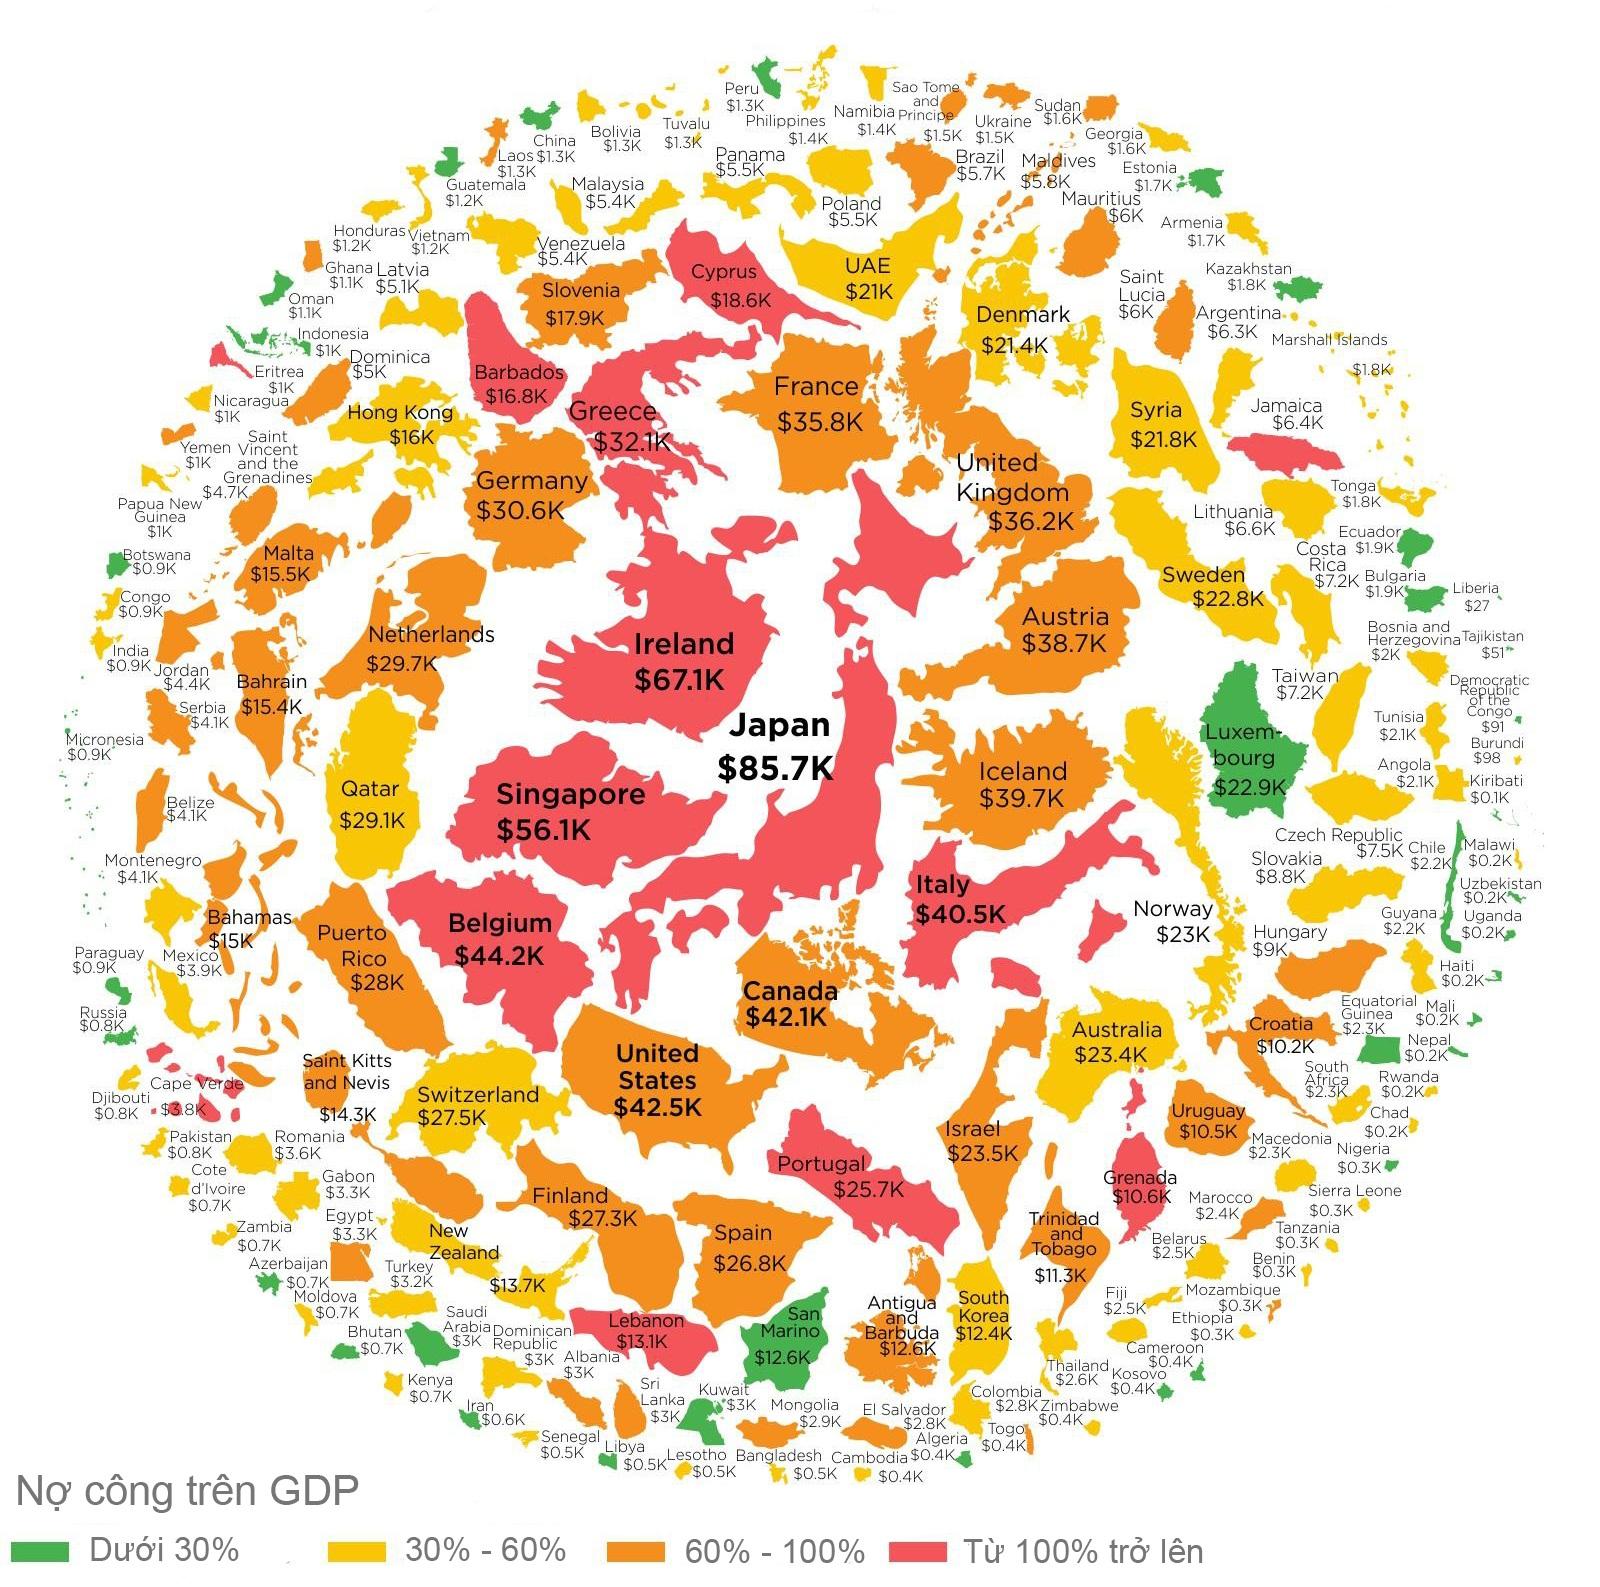 Bản đồ nợ công các nước trên thế giới